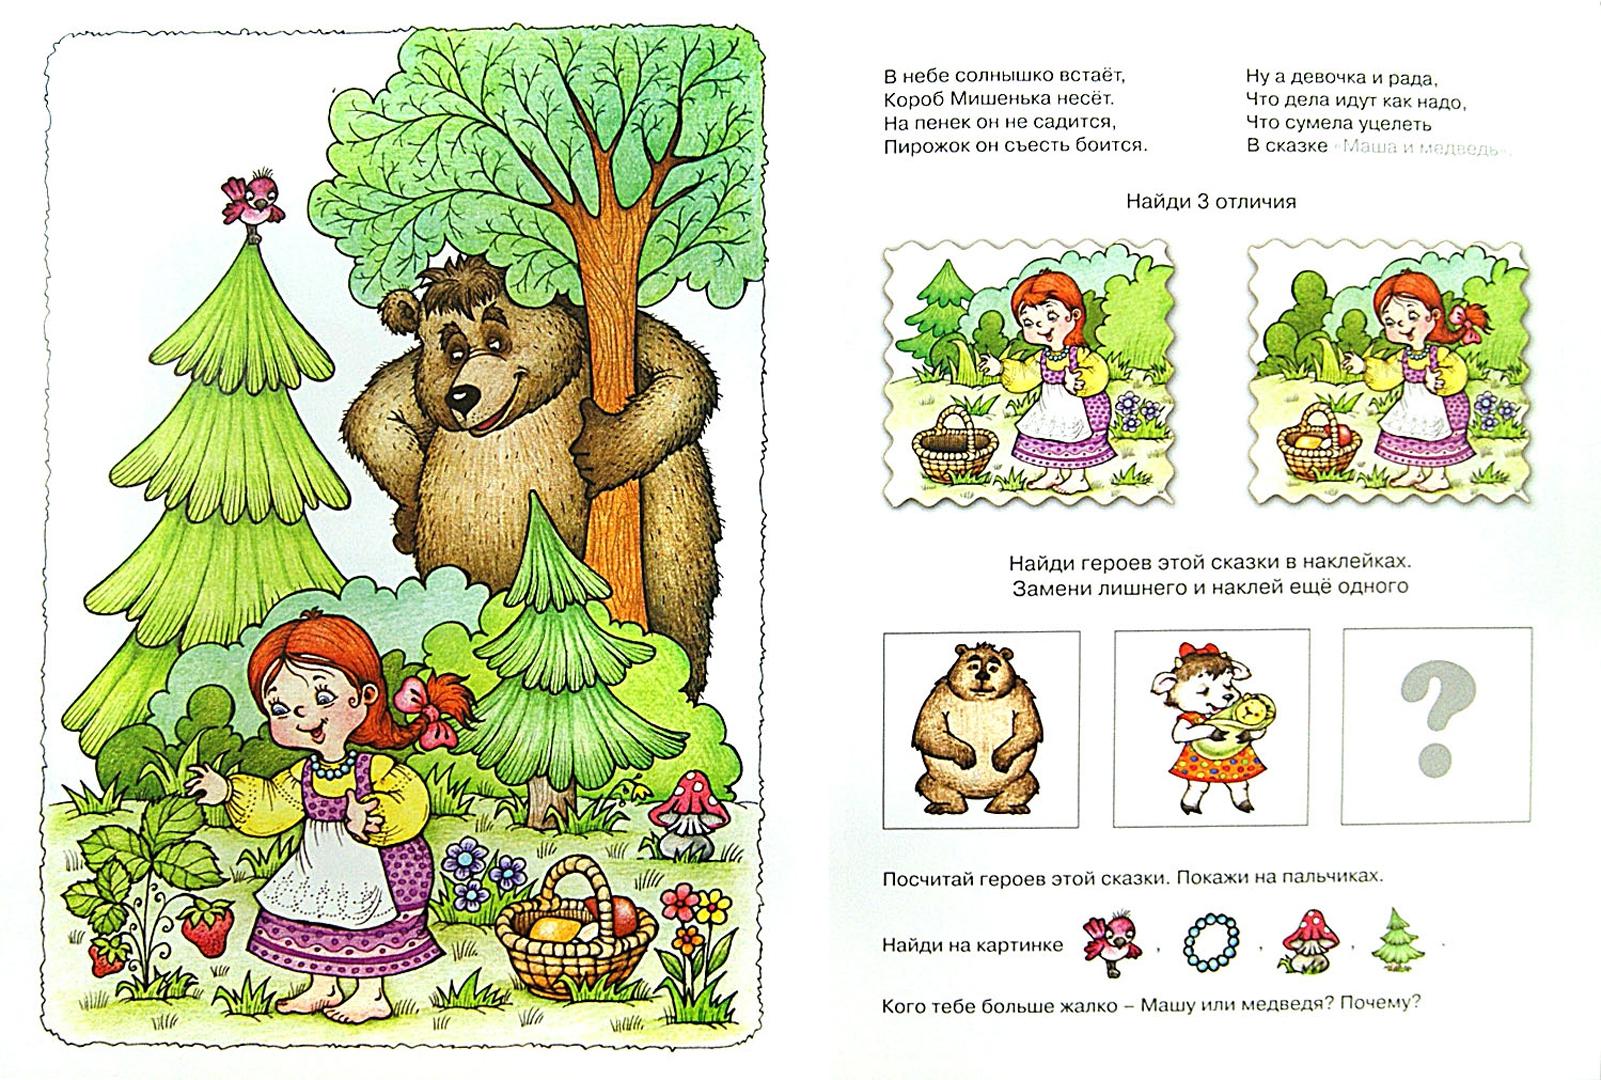 Иллюстрация 1 из 12 для Найди, сравни, приклей. Жили-были семь ребят... - Владимир Степанов   Лабиринт - книги. Источник: Лабиринт